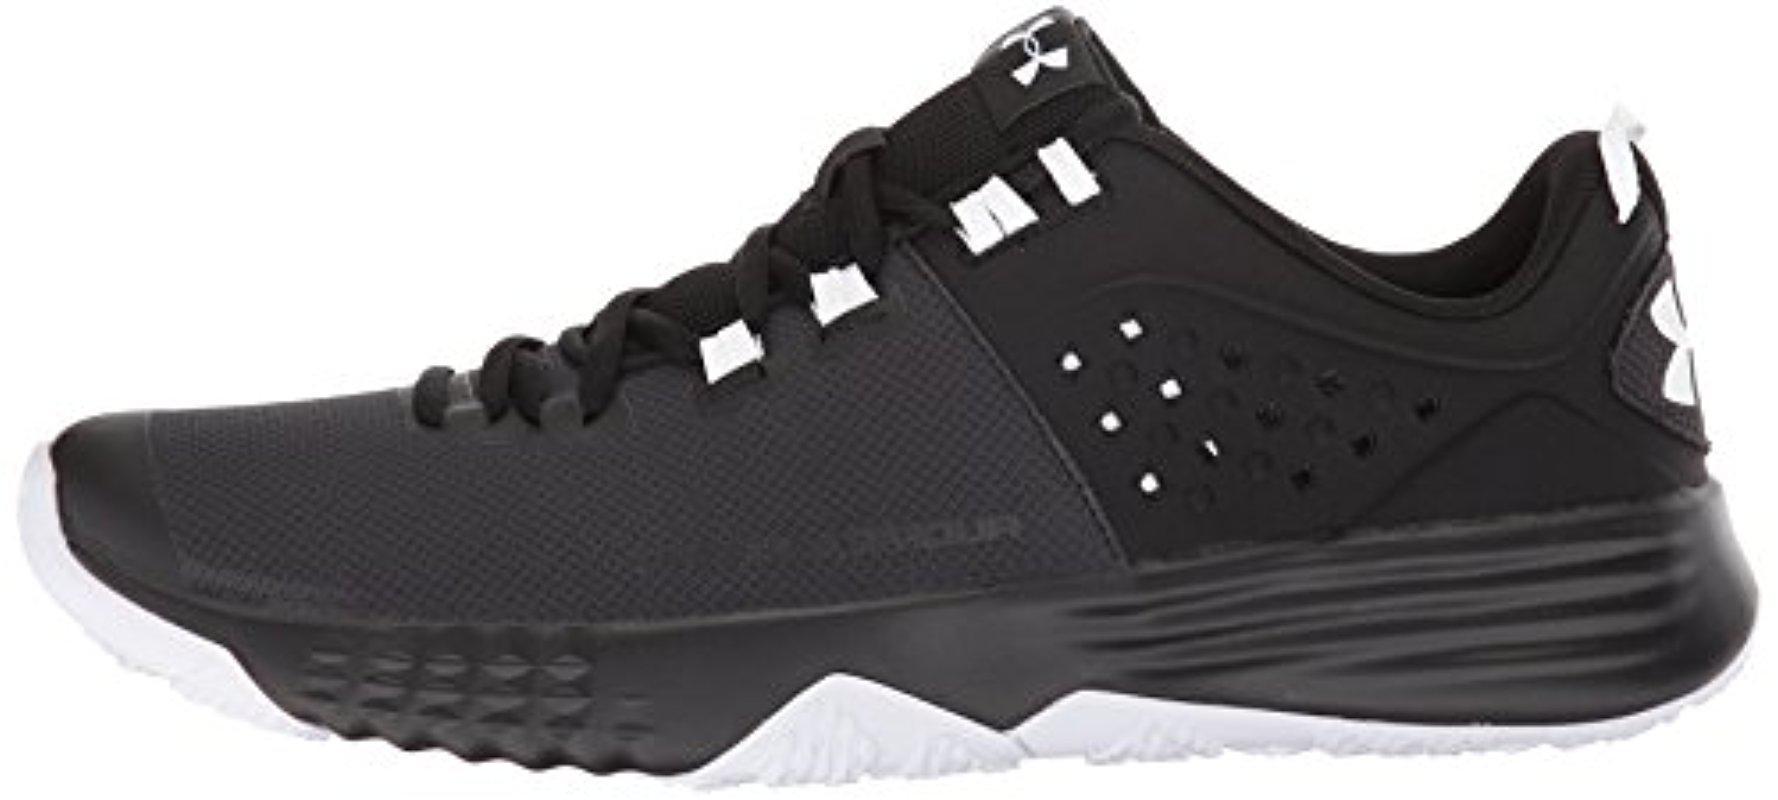 Bam Trainer Sneaker in Black for Men